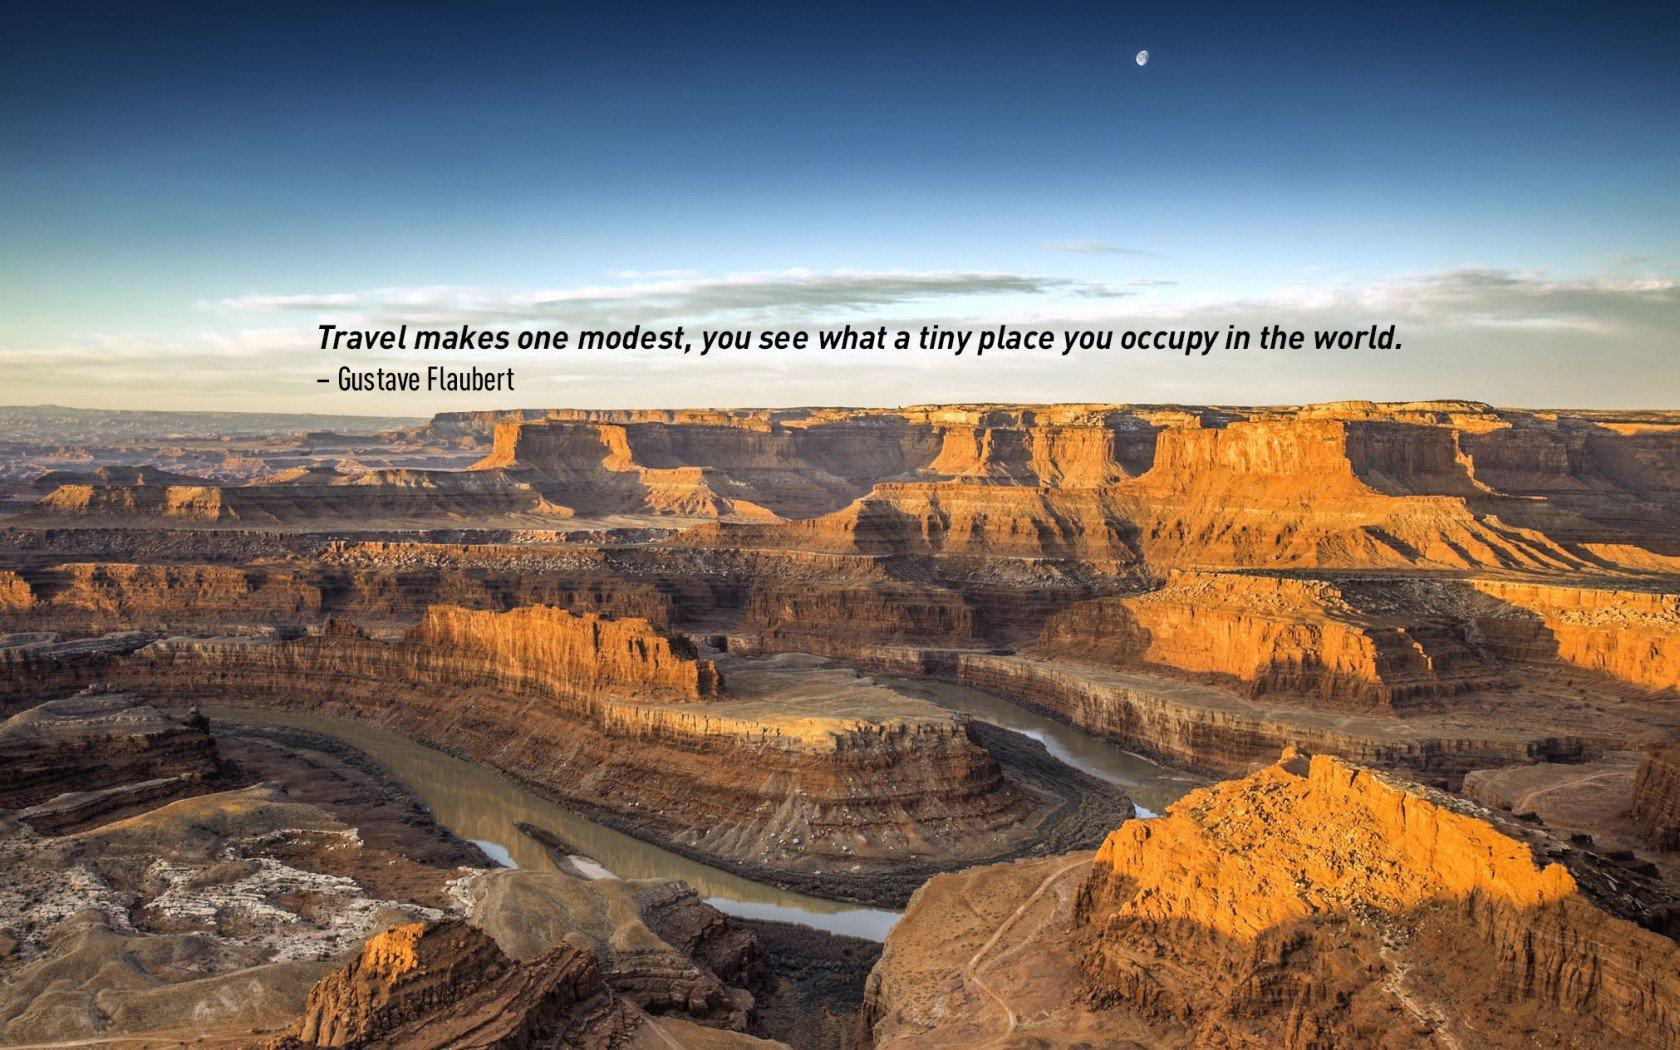 Citation de voyage de Gustave Flaubert. Grand Canyon, États-Unis.